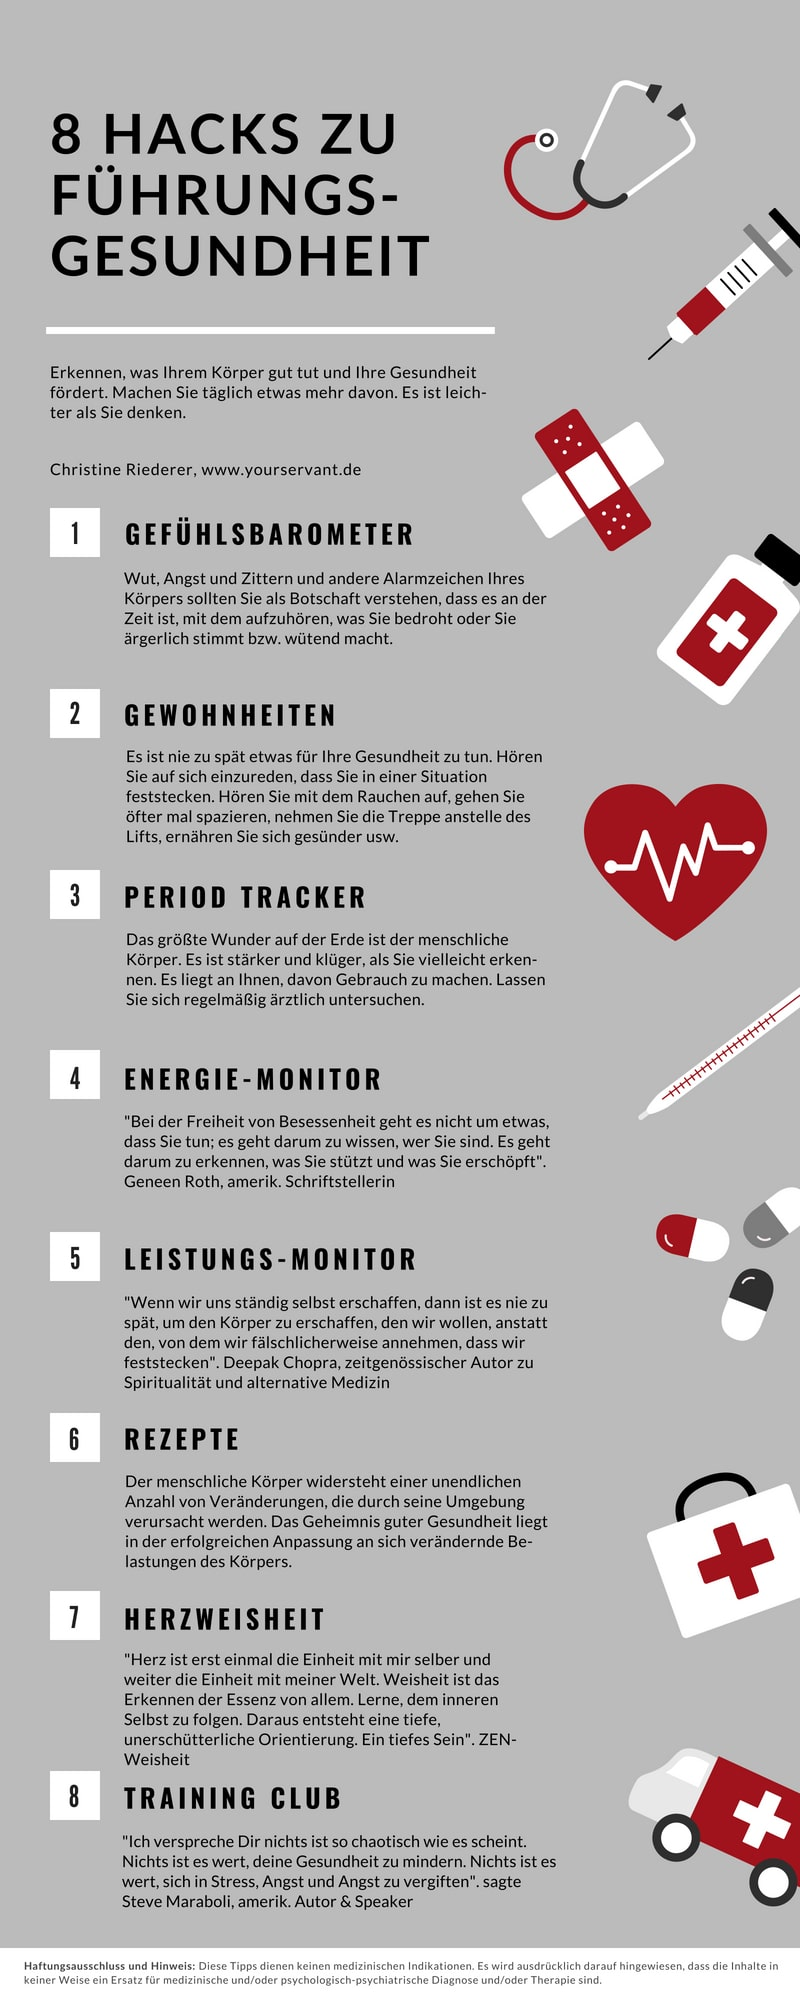 8 Hacks für Führungsgesundheit